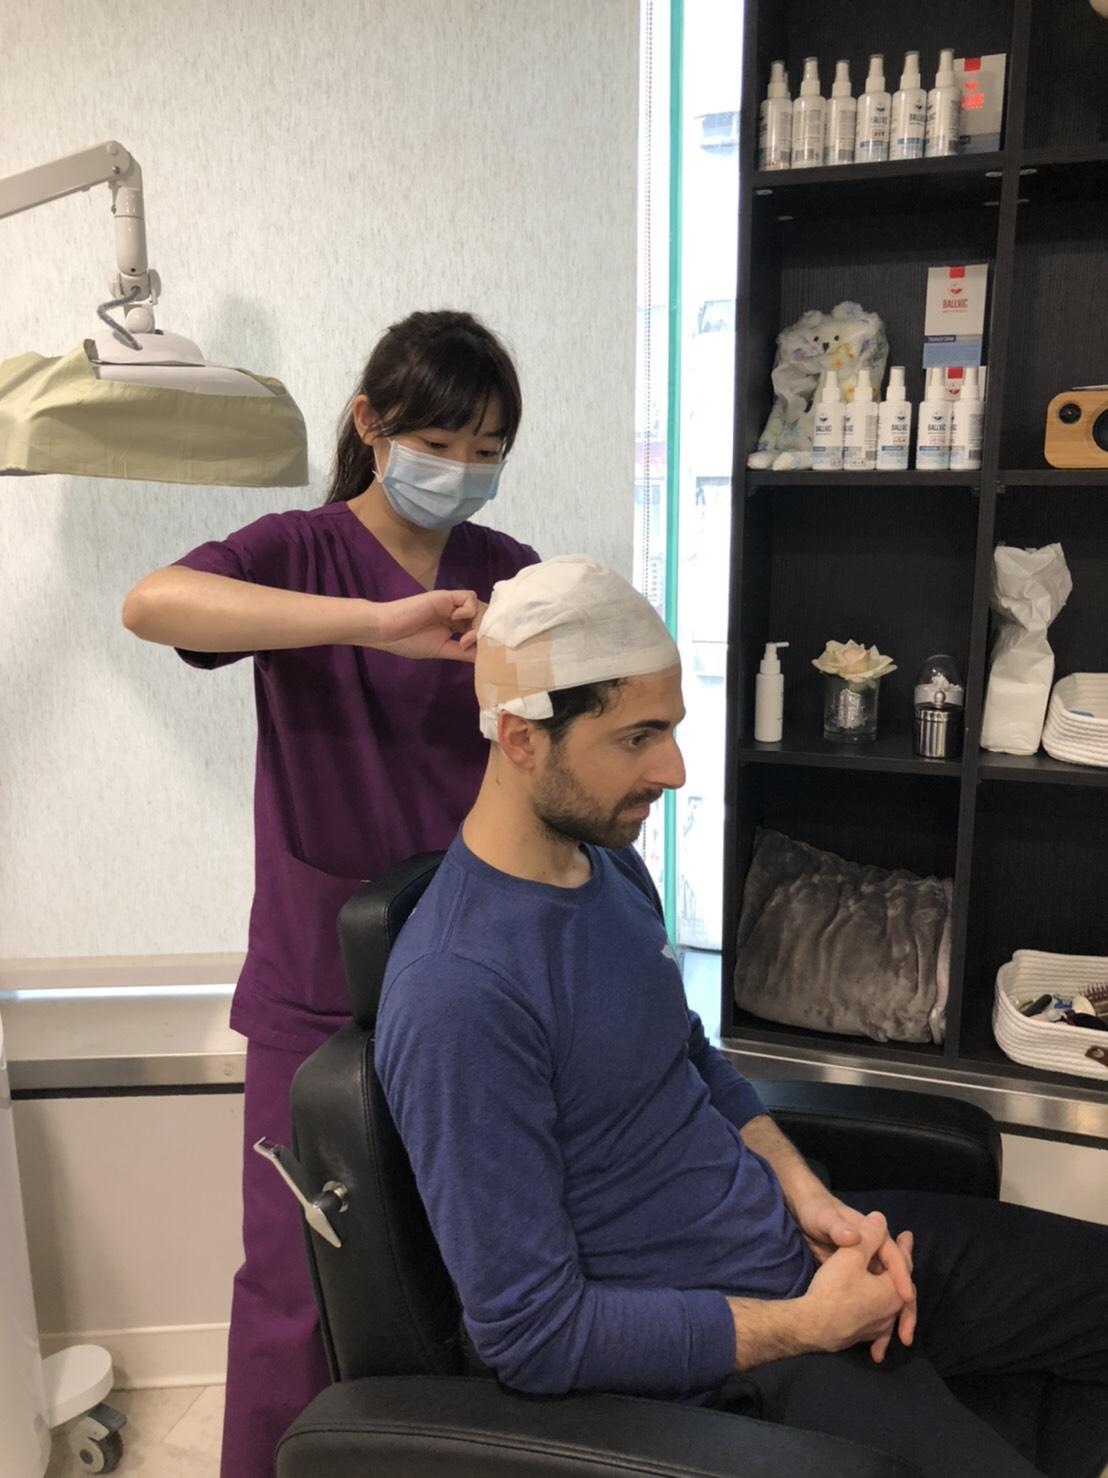 植髮手術|謝宗廷醫師|術後護理